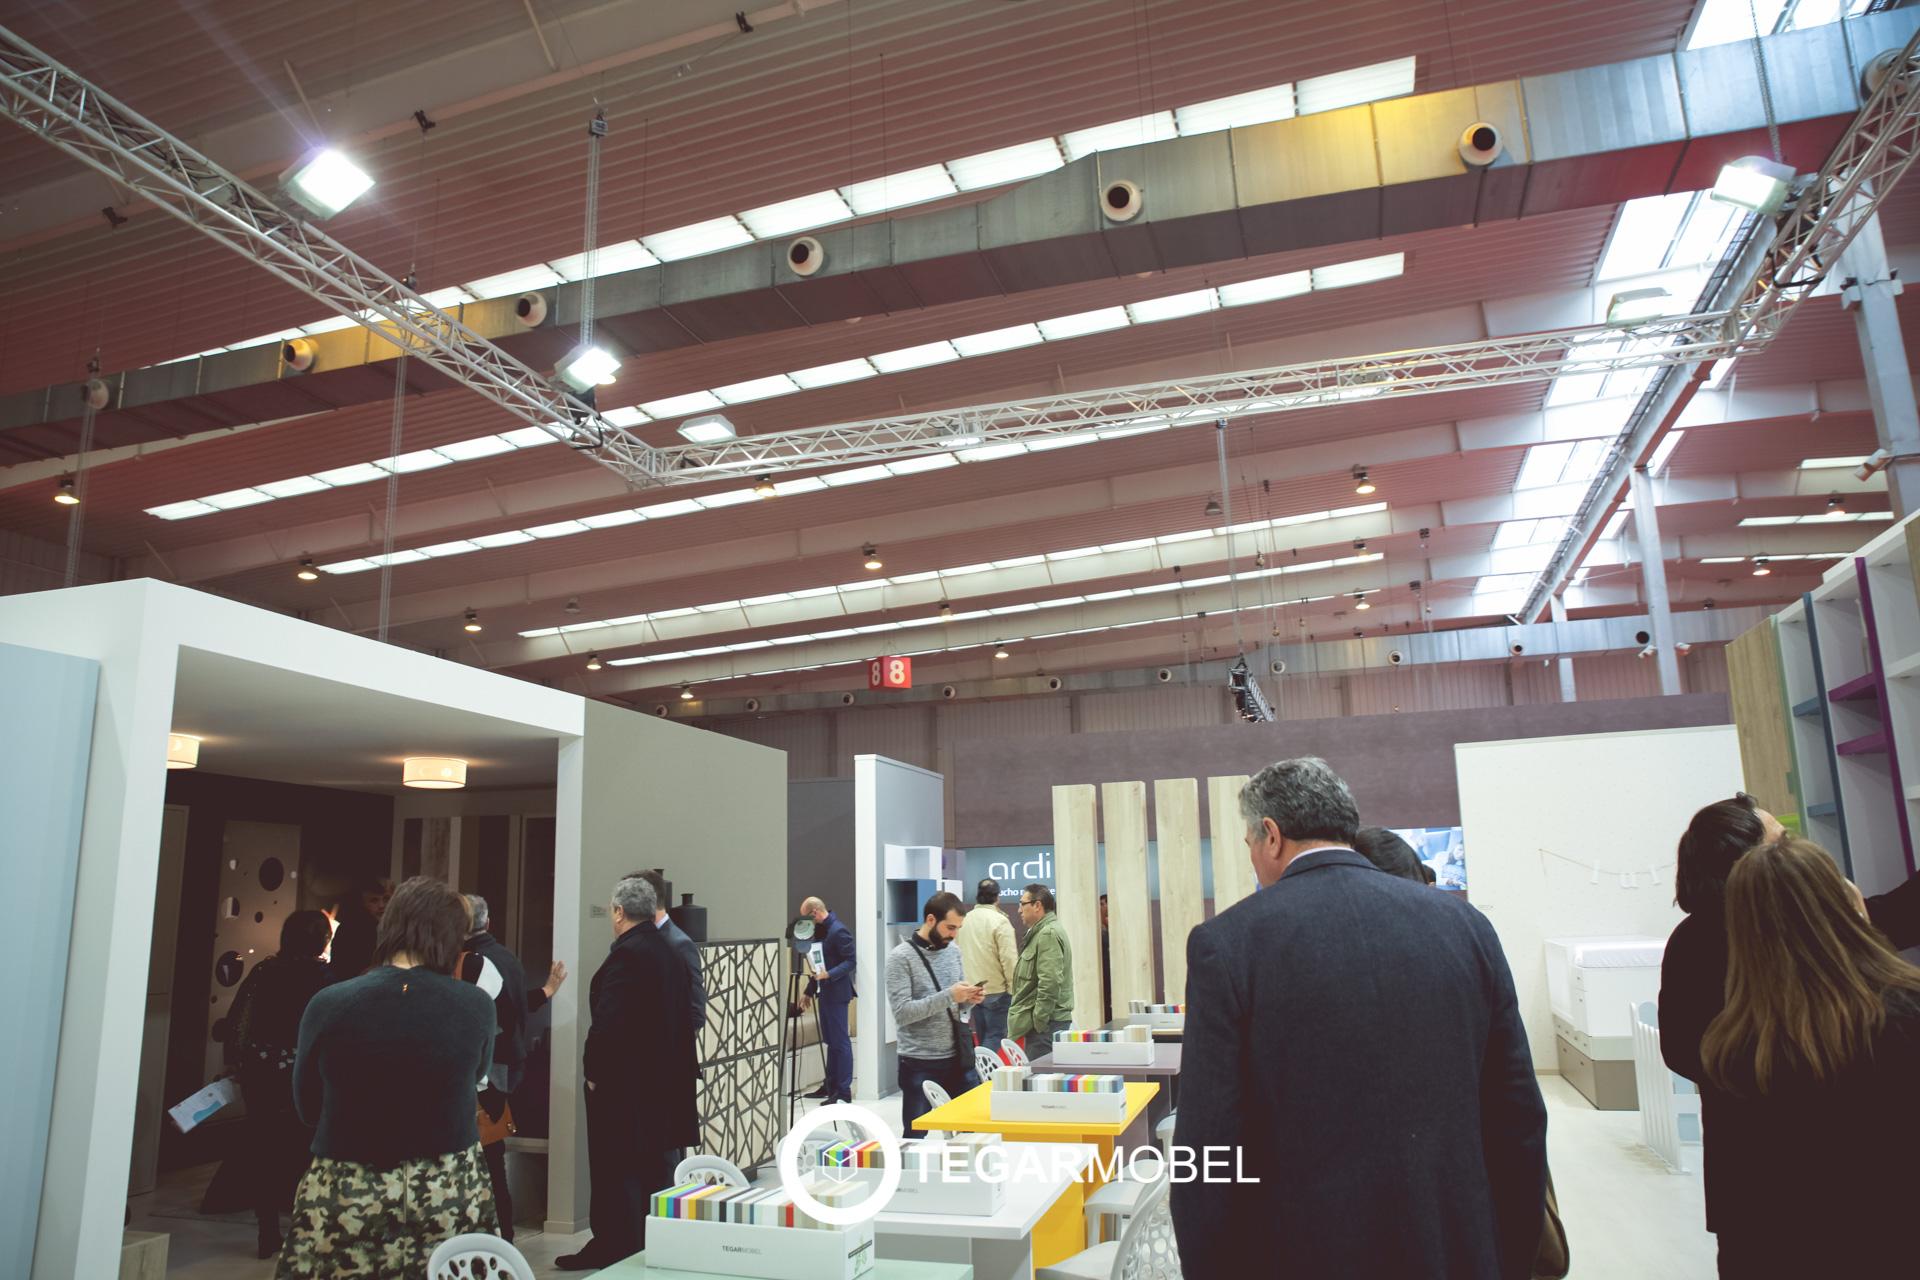 Feria mueble zaragoza tegar mobel 27 tegar for Feria del mueble zaragoza